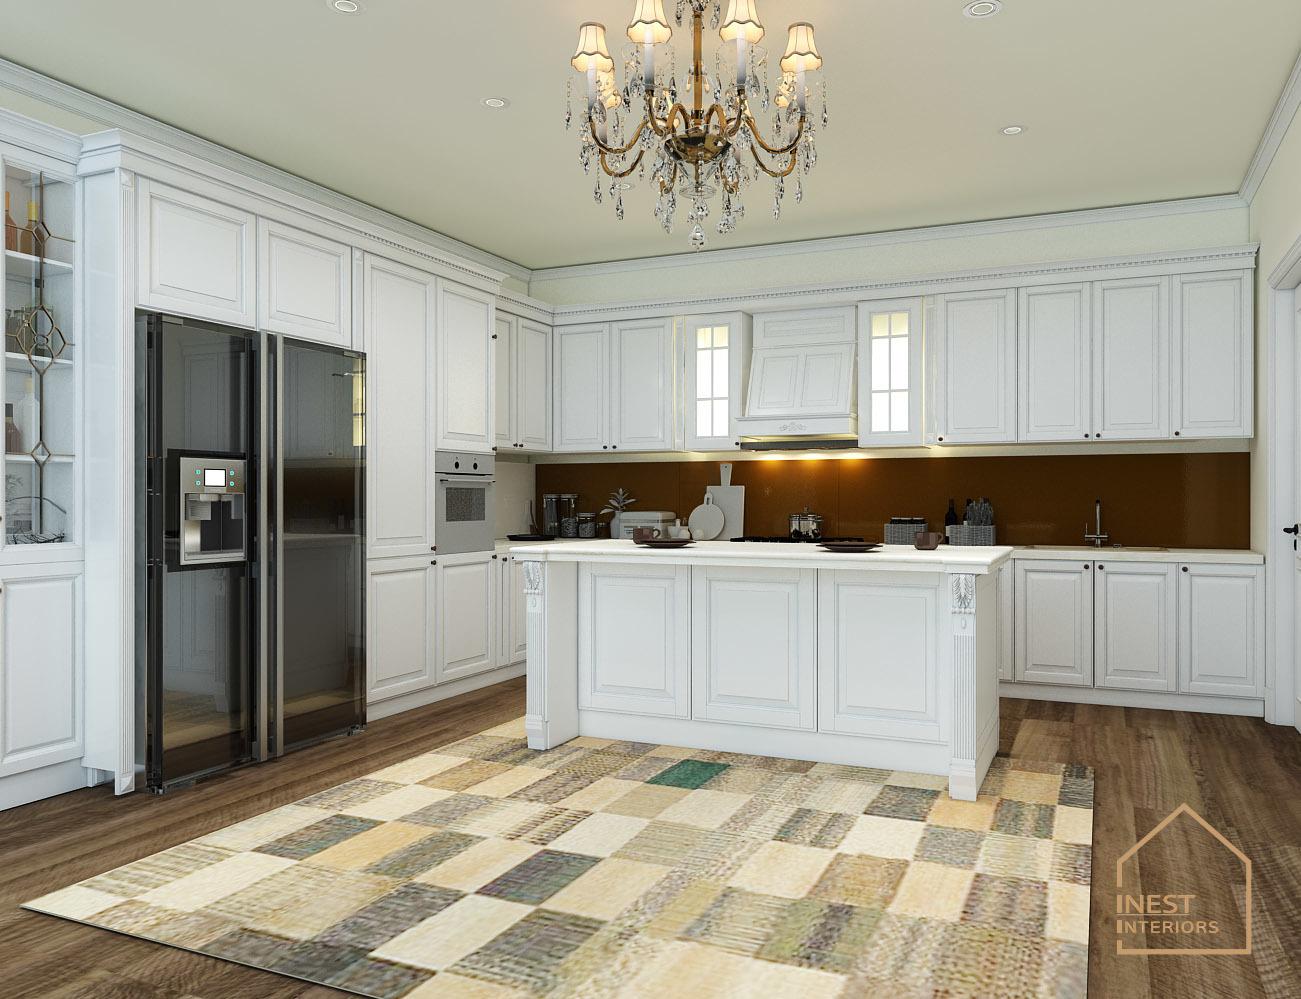 Thiết kế nội thất phòng bếp màu trắng